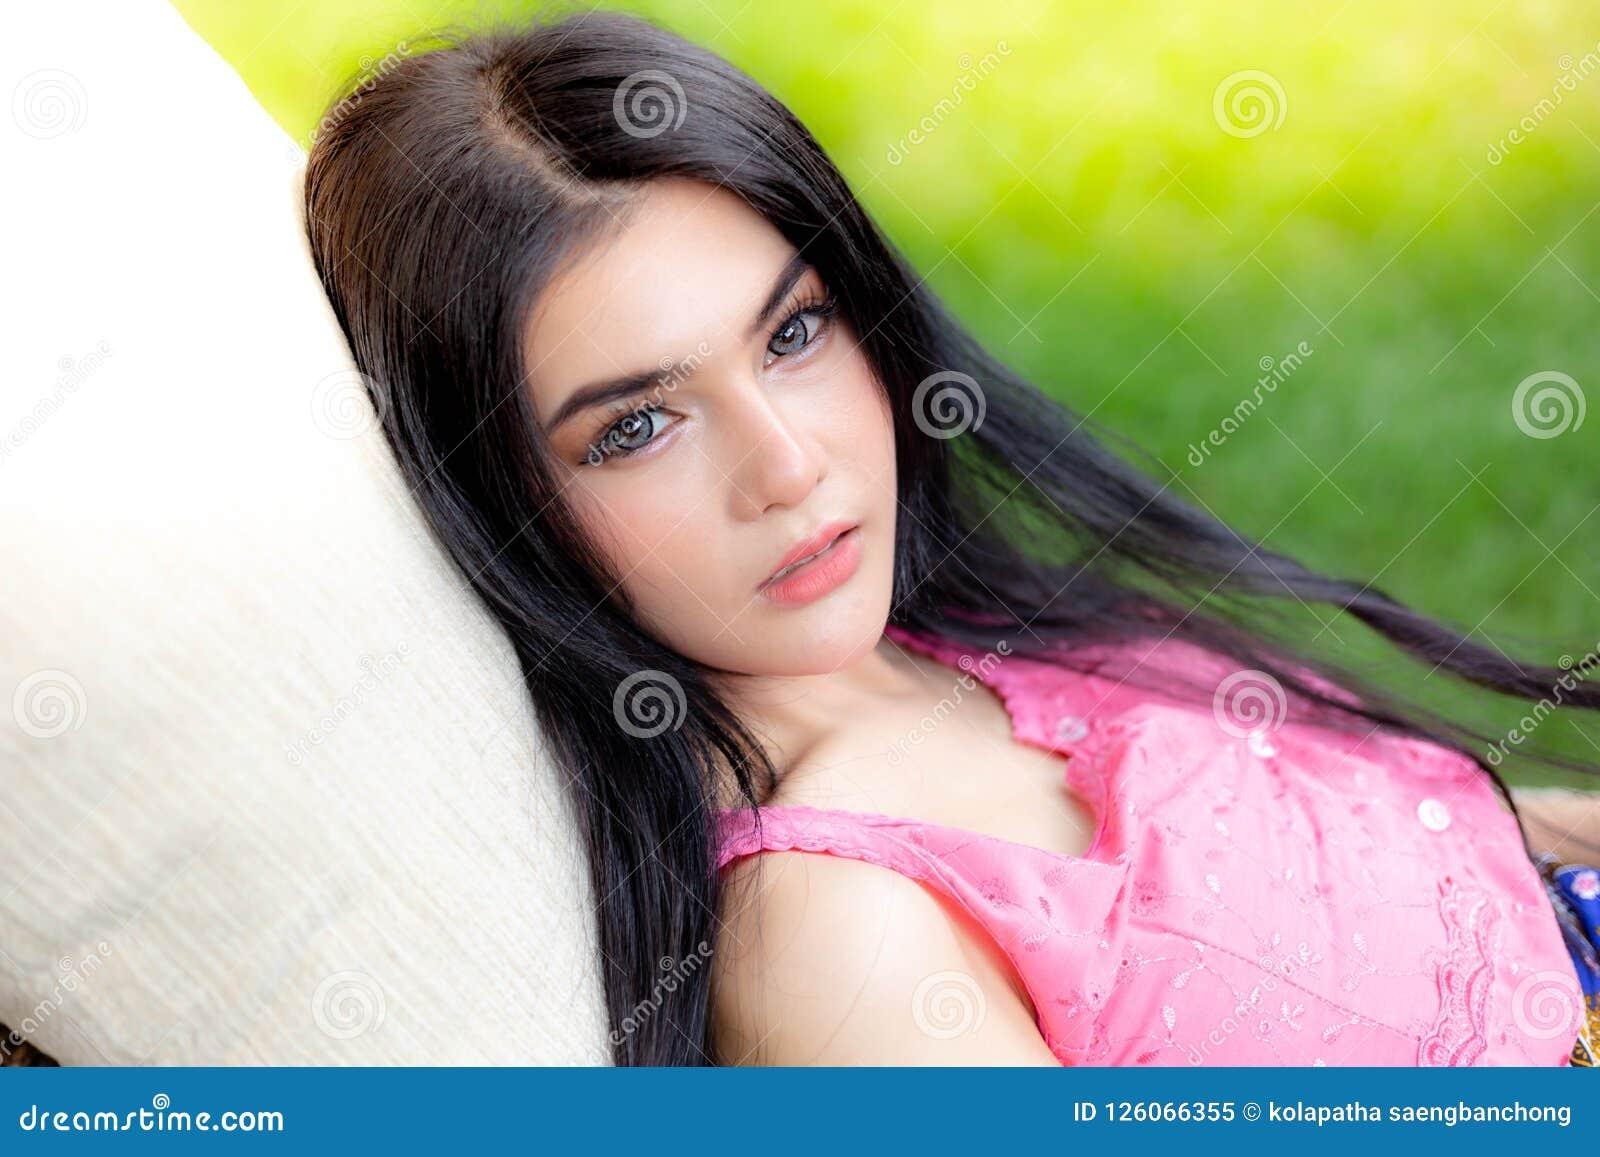 eb1b3dda362 Mujer Joven Hermosa Encantadora Las Mujeres Hermosas Atractivas ...